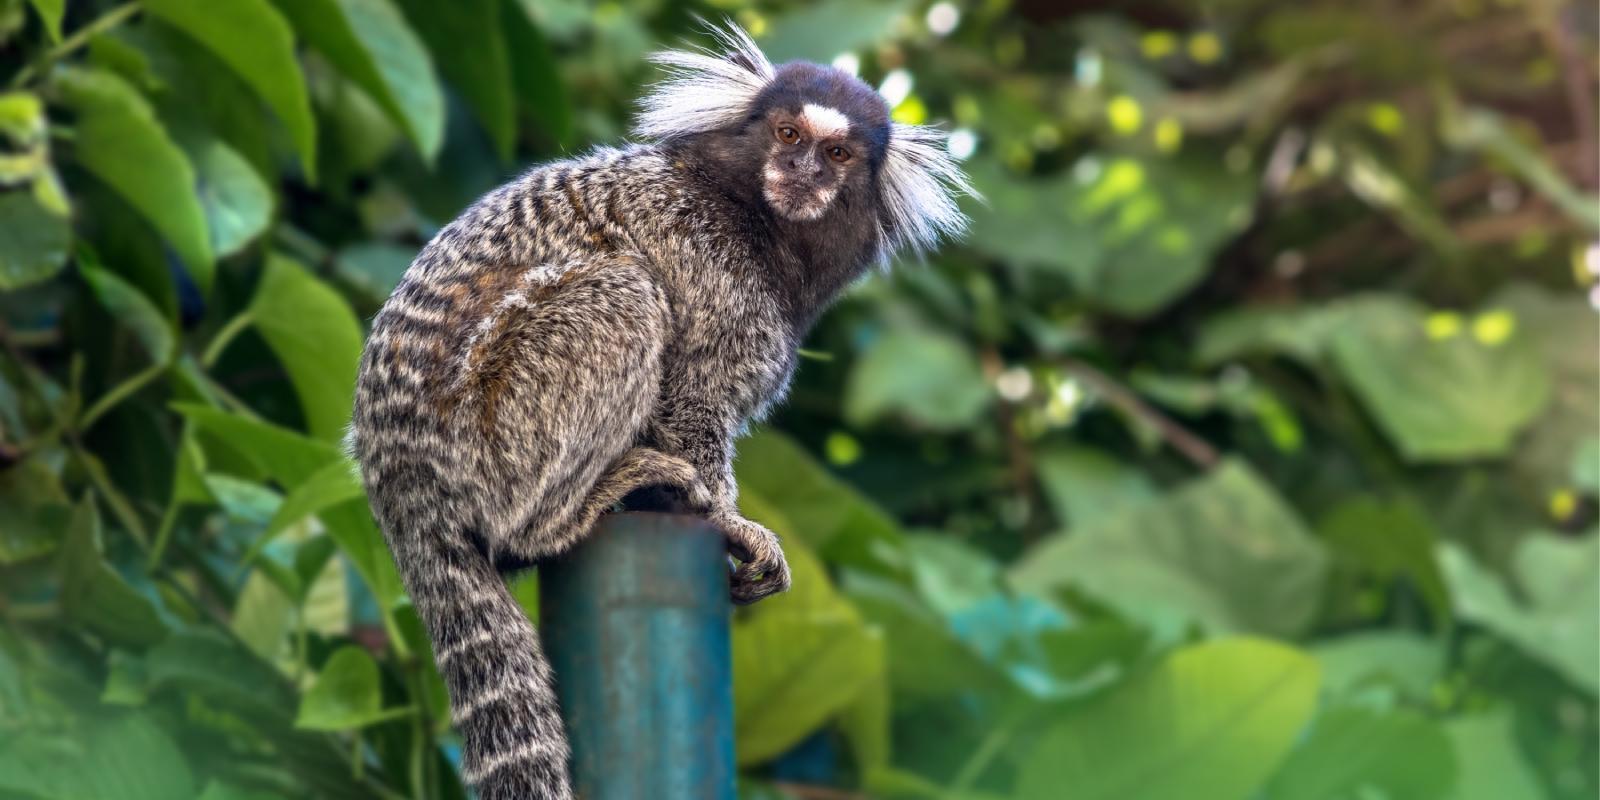 Transmissão de raiva em primatas